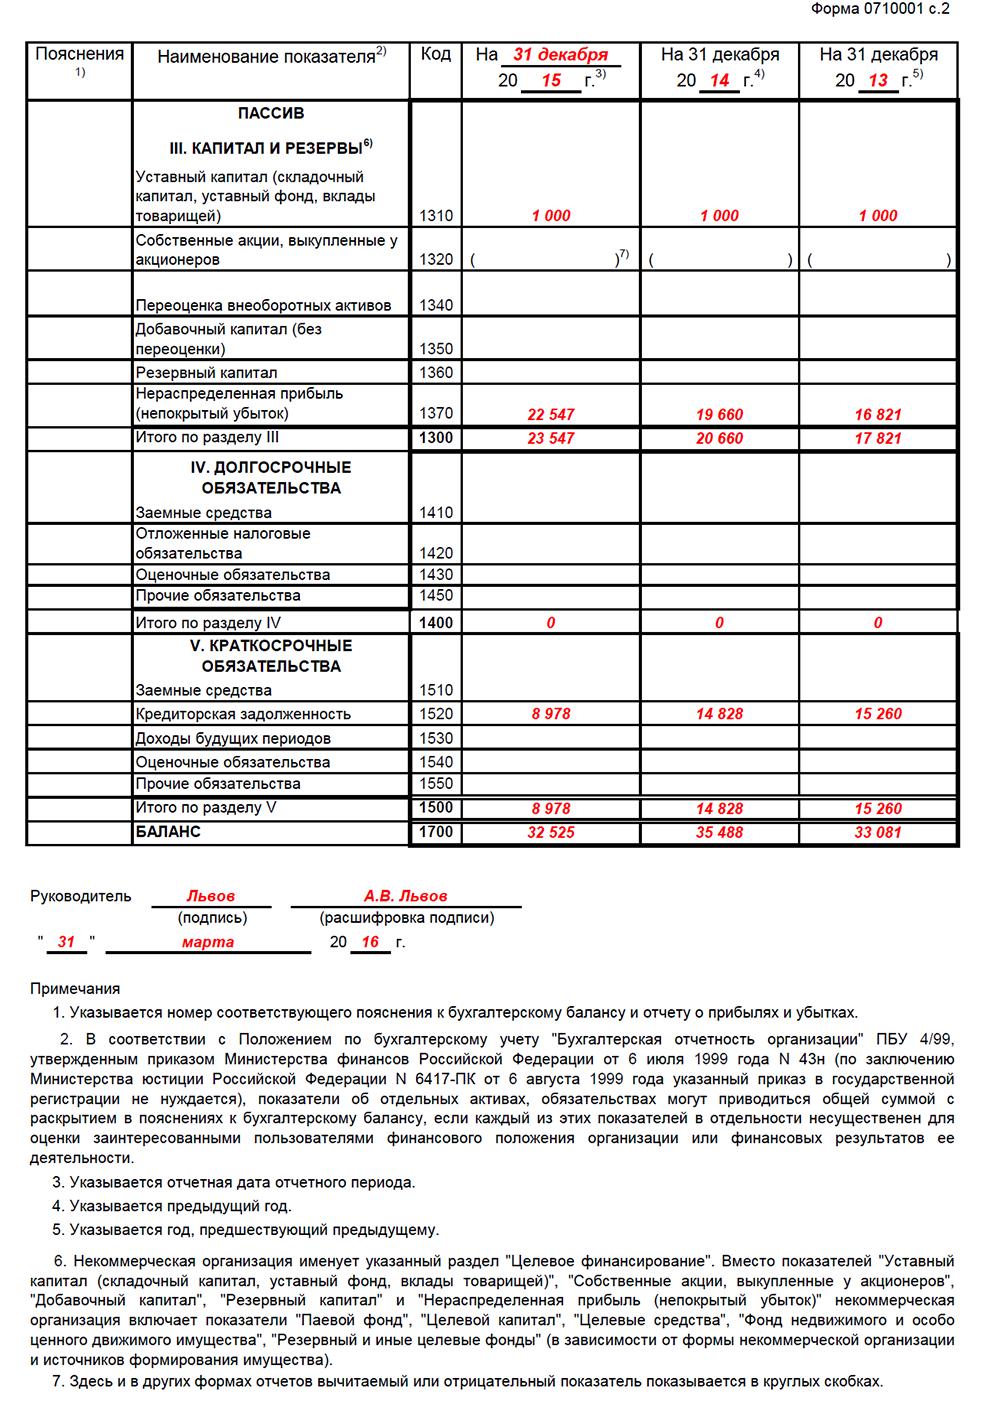 Пример заполнения бухгалтерского баланса за 2015 год